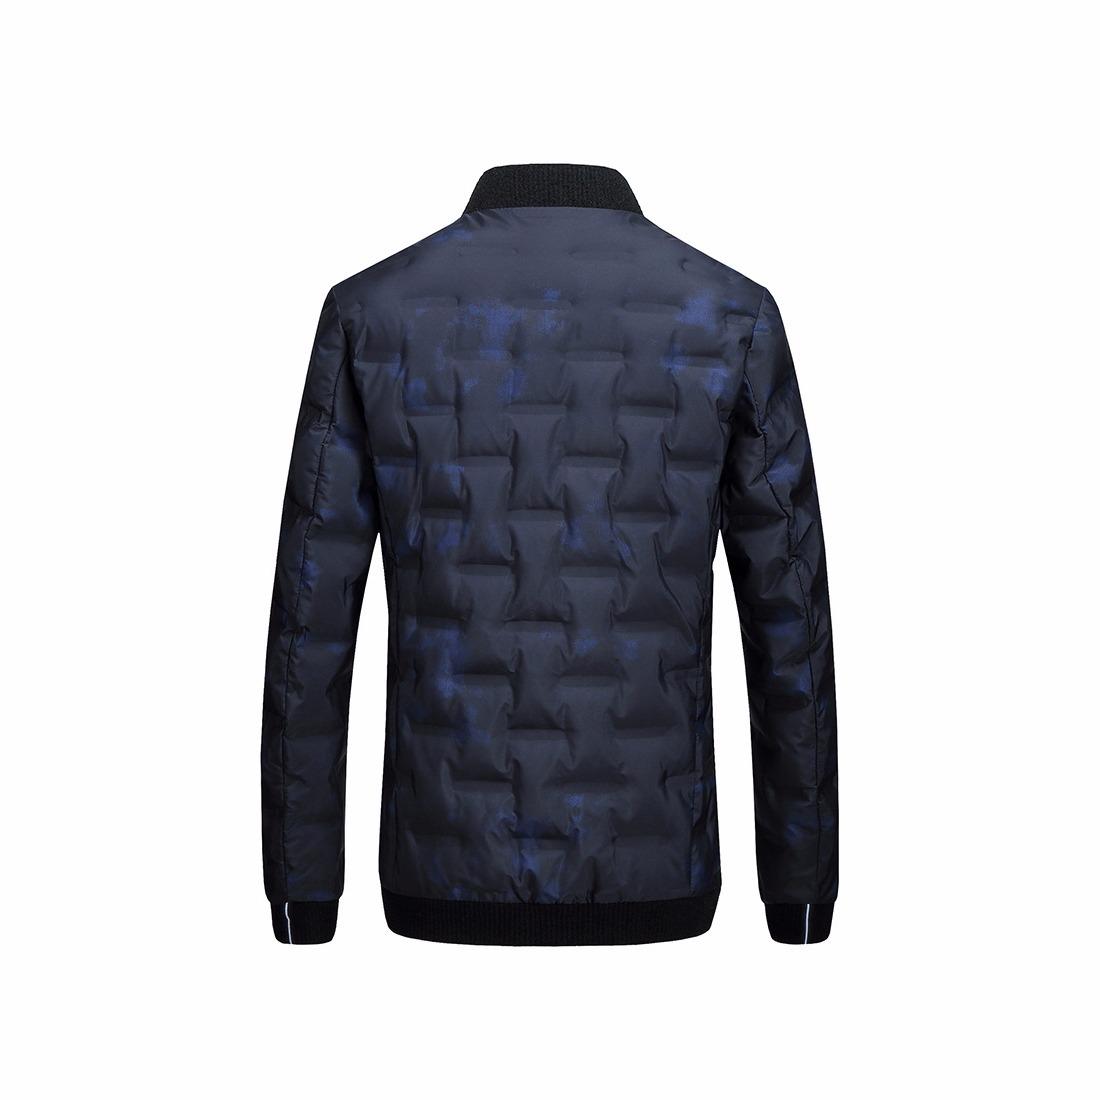 Promoción de Azul Marino Suéteres - Compra Azul Marino